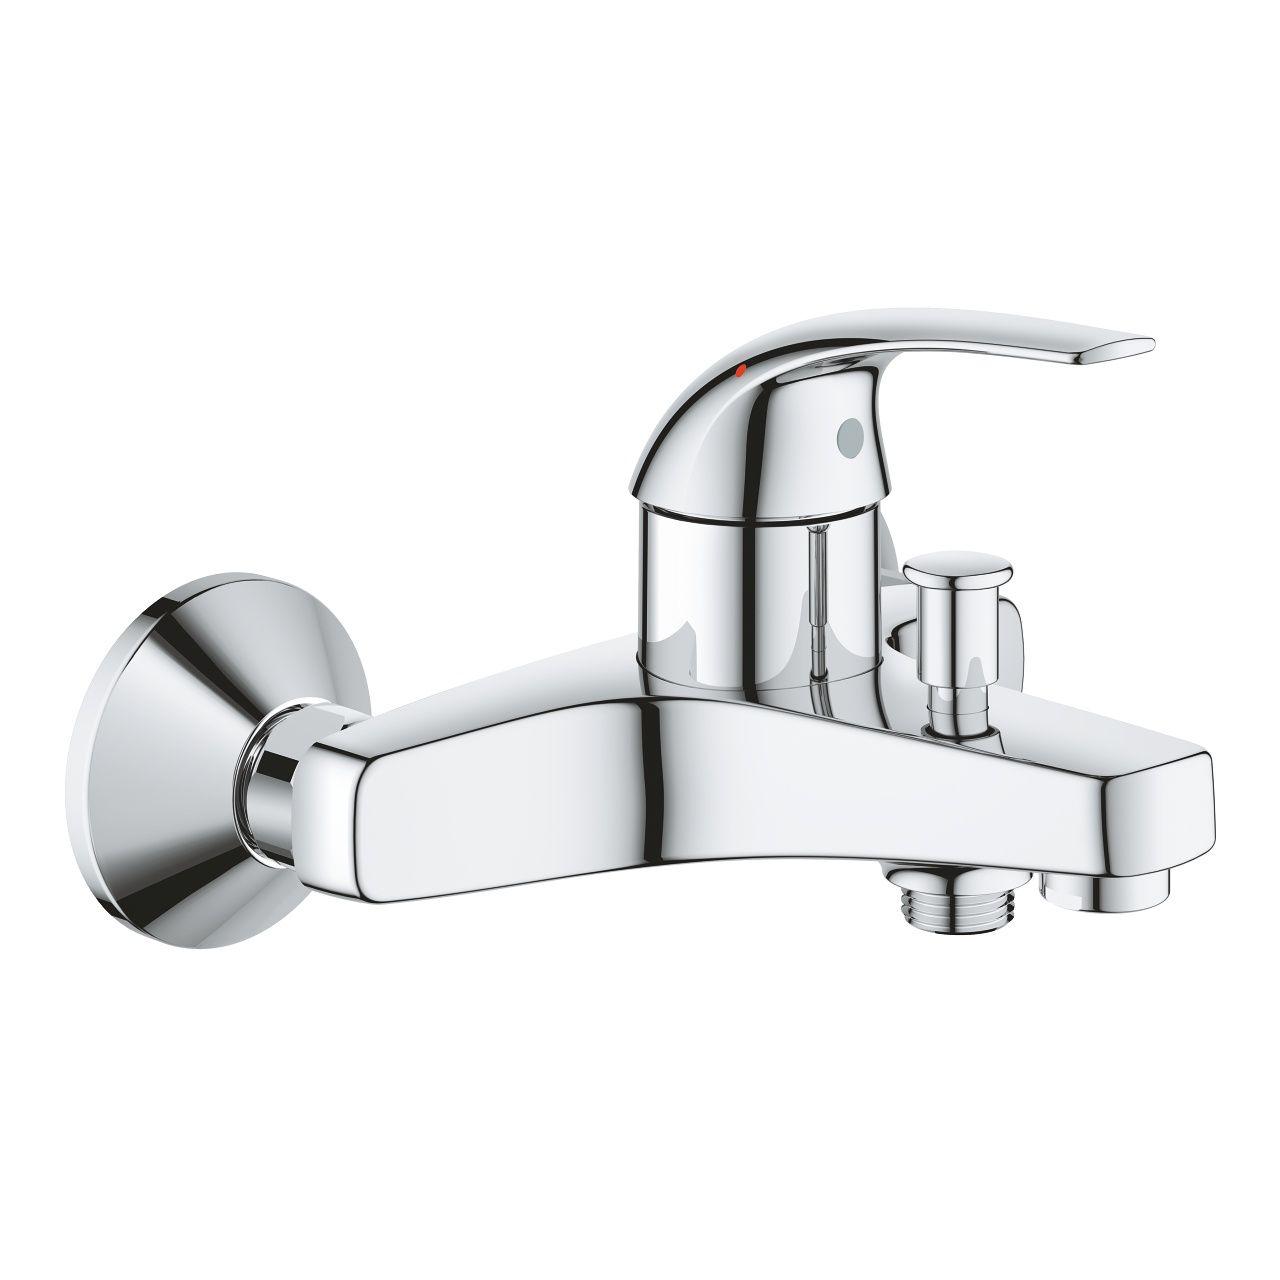 Смеситель Grohe Baucurve для ванны и душа 23599000 ФОТО